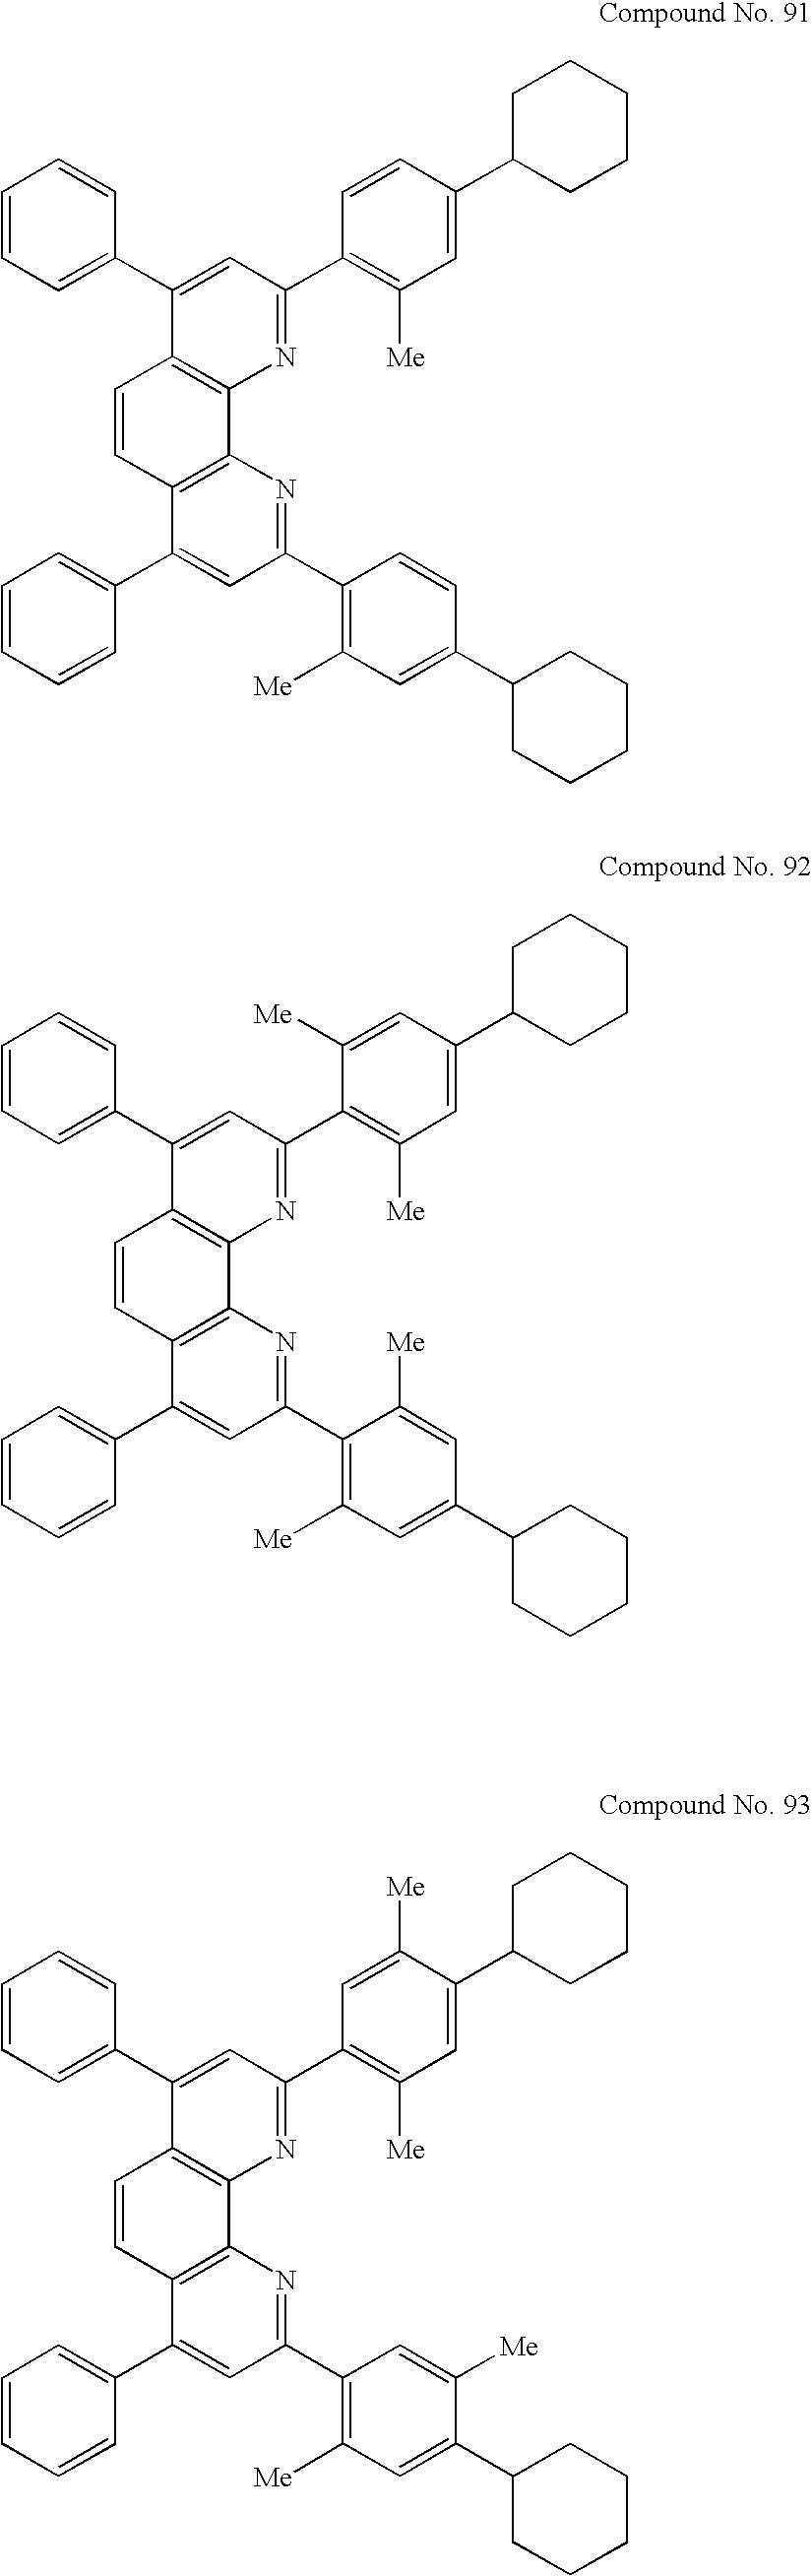 Figure US20050073641A1-20050407-C00029